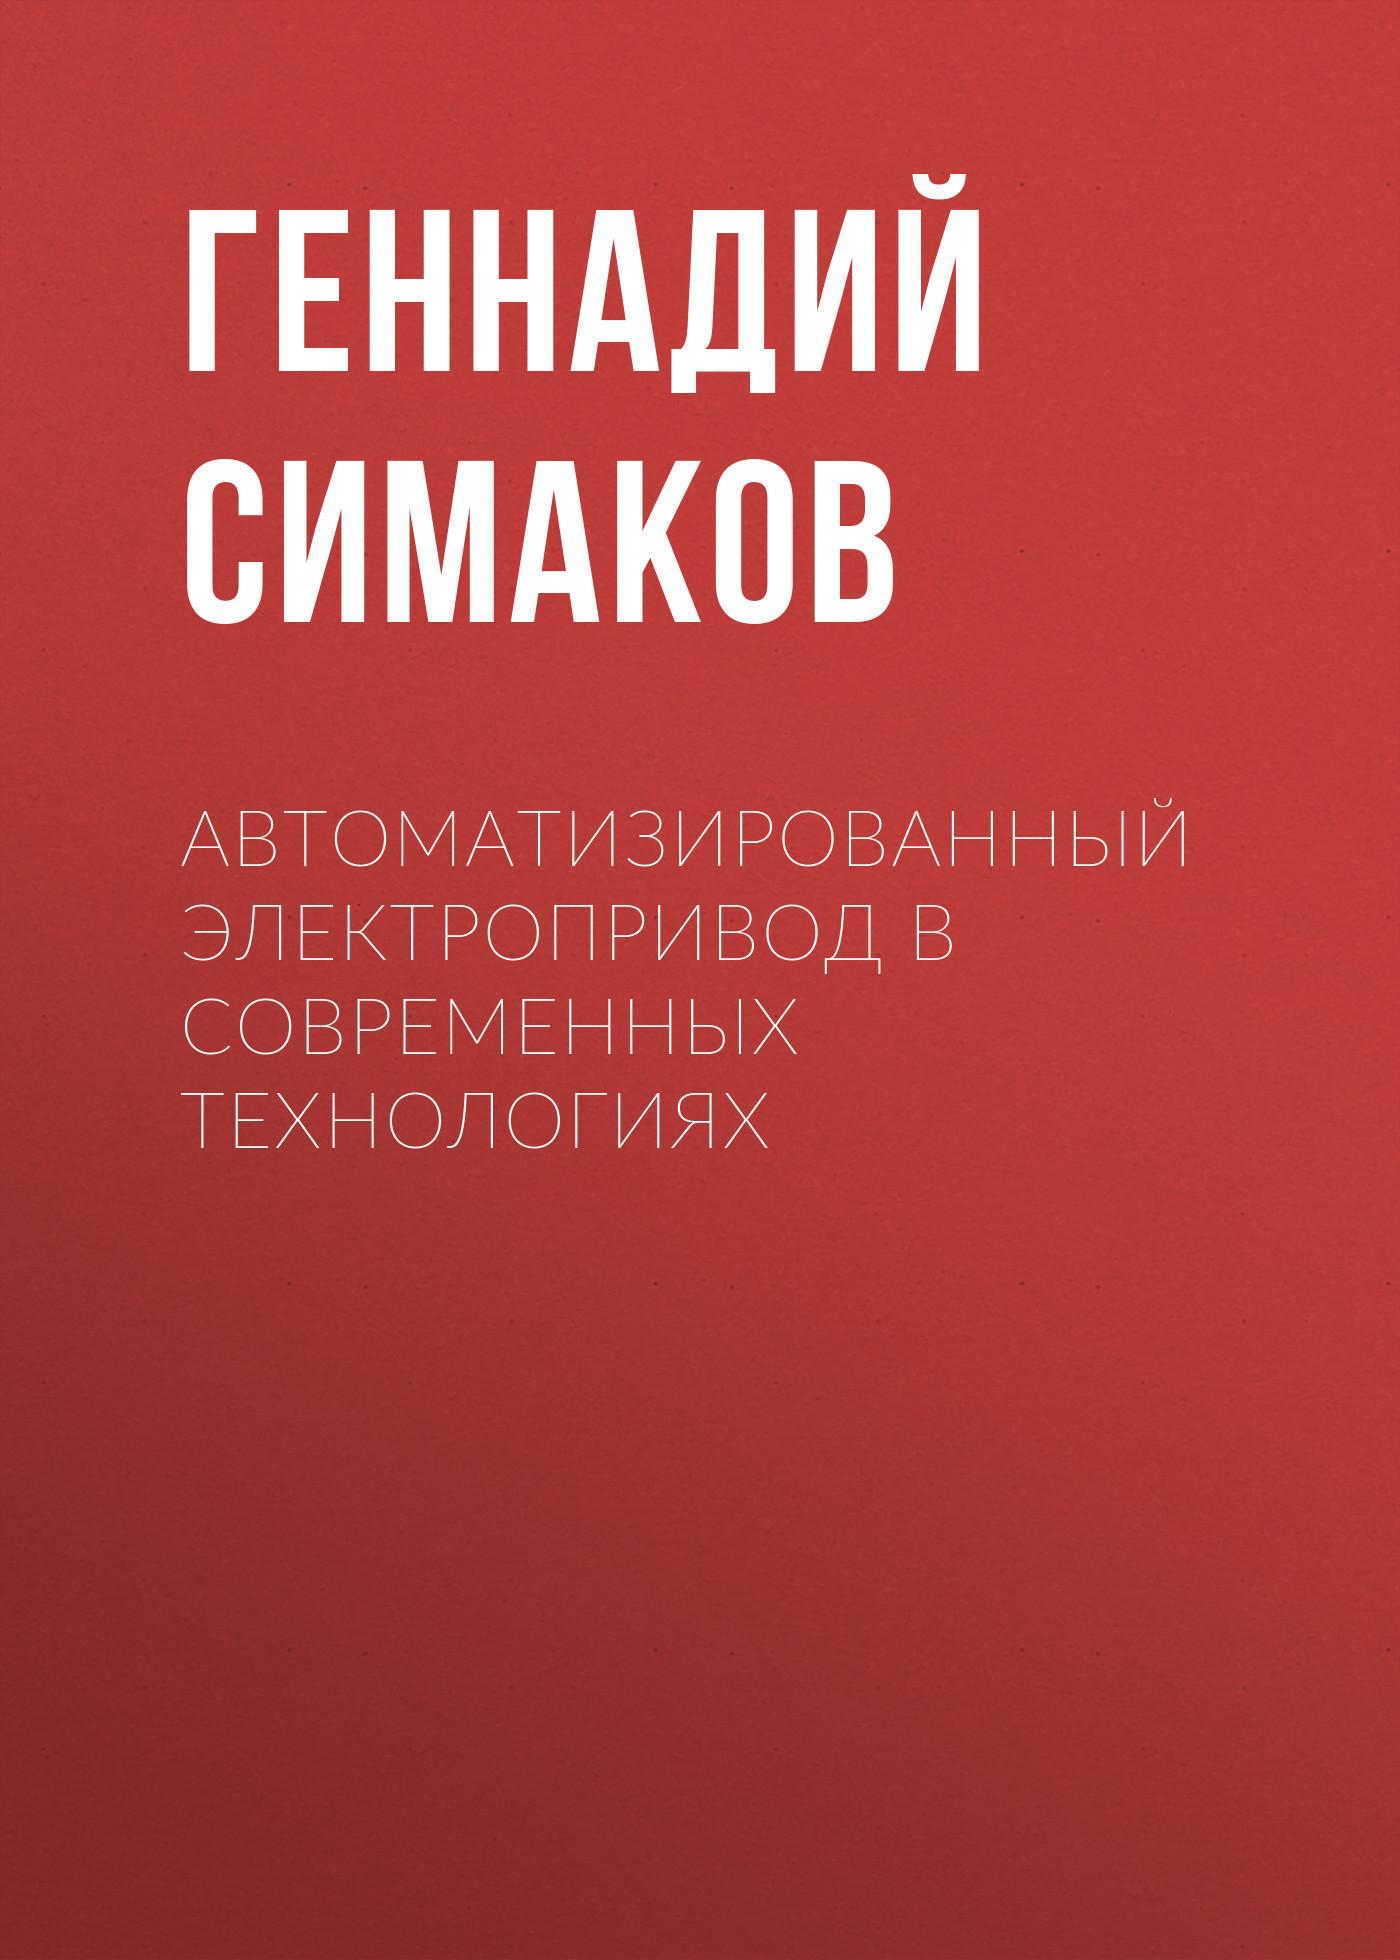 Геннадий Симаков Автоматизированный электропривод в современных технологиях